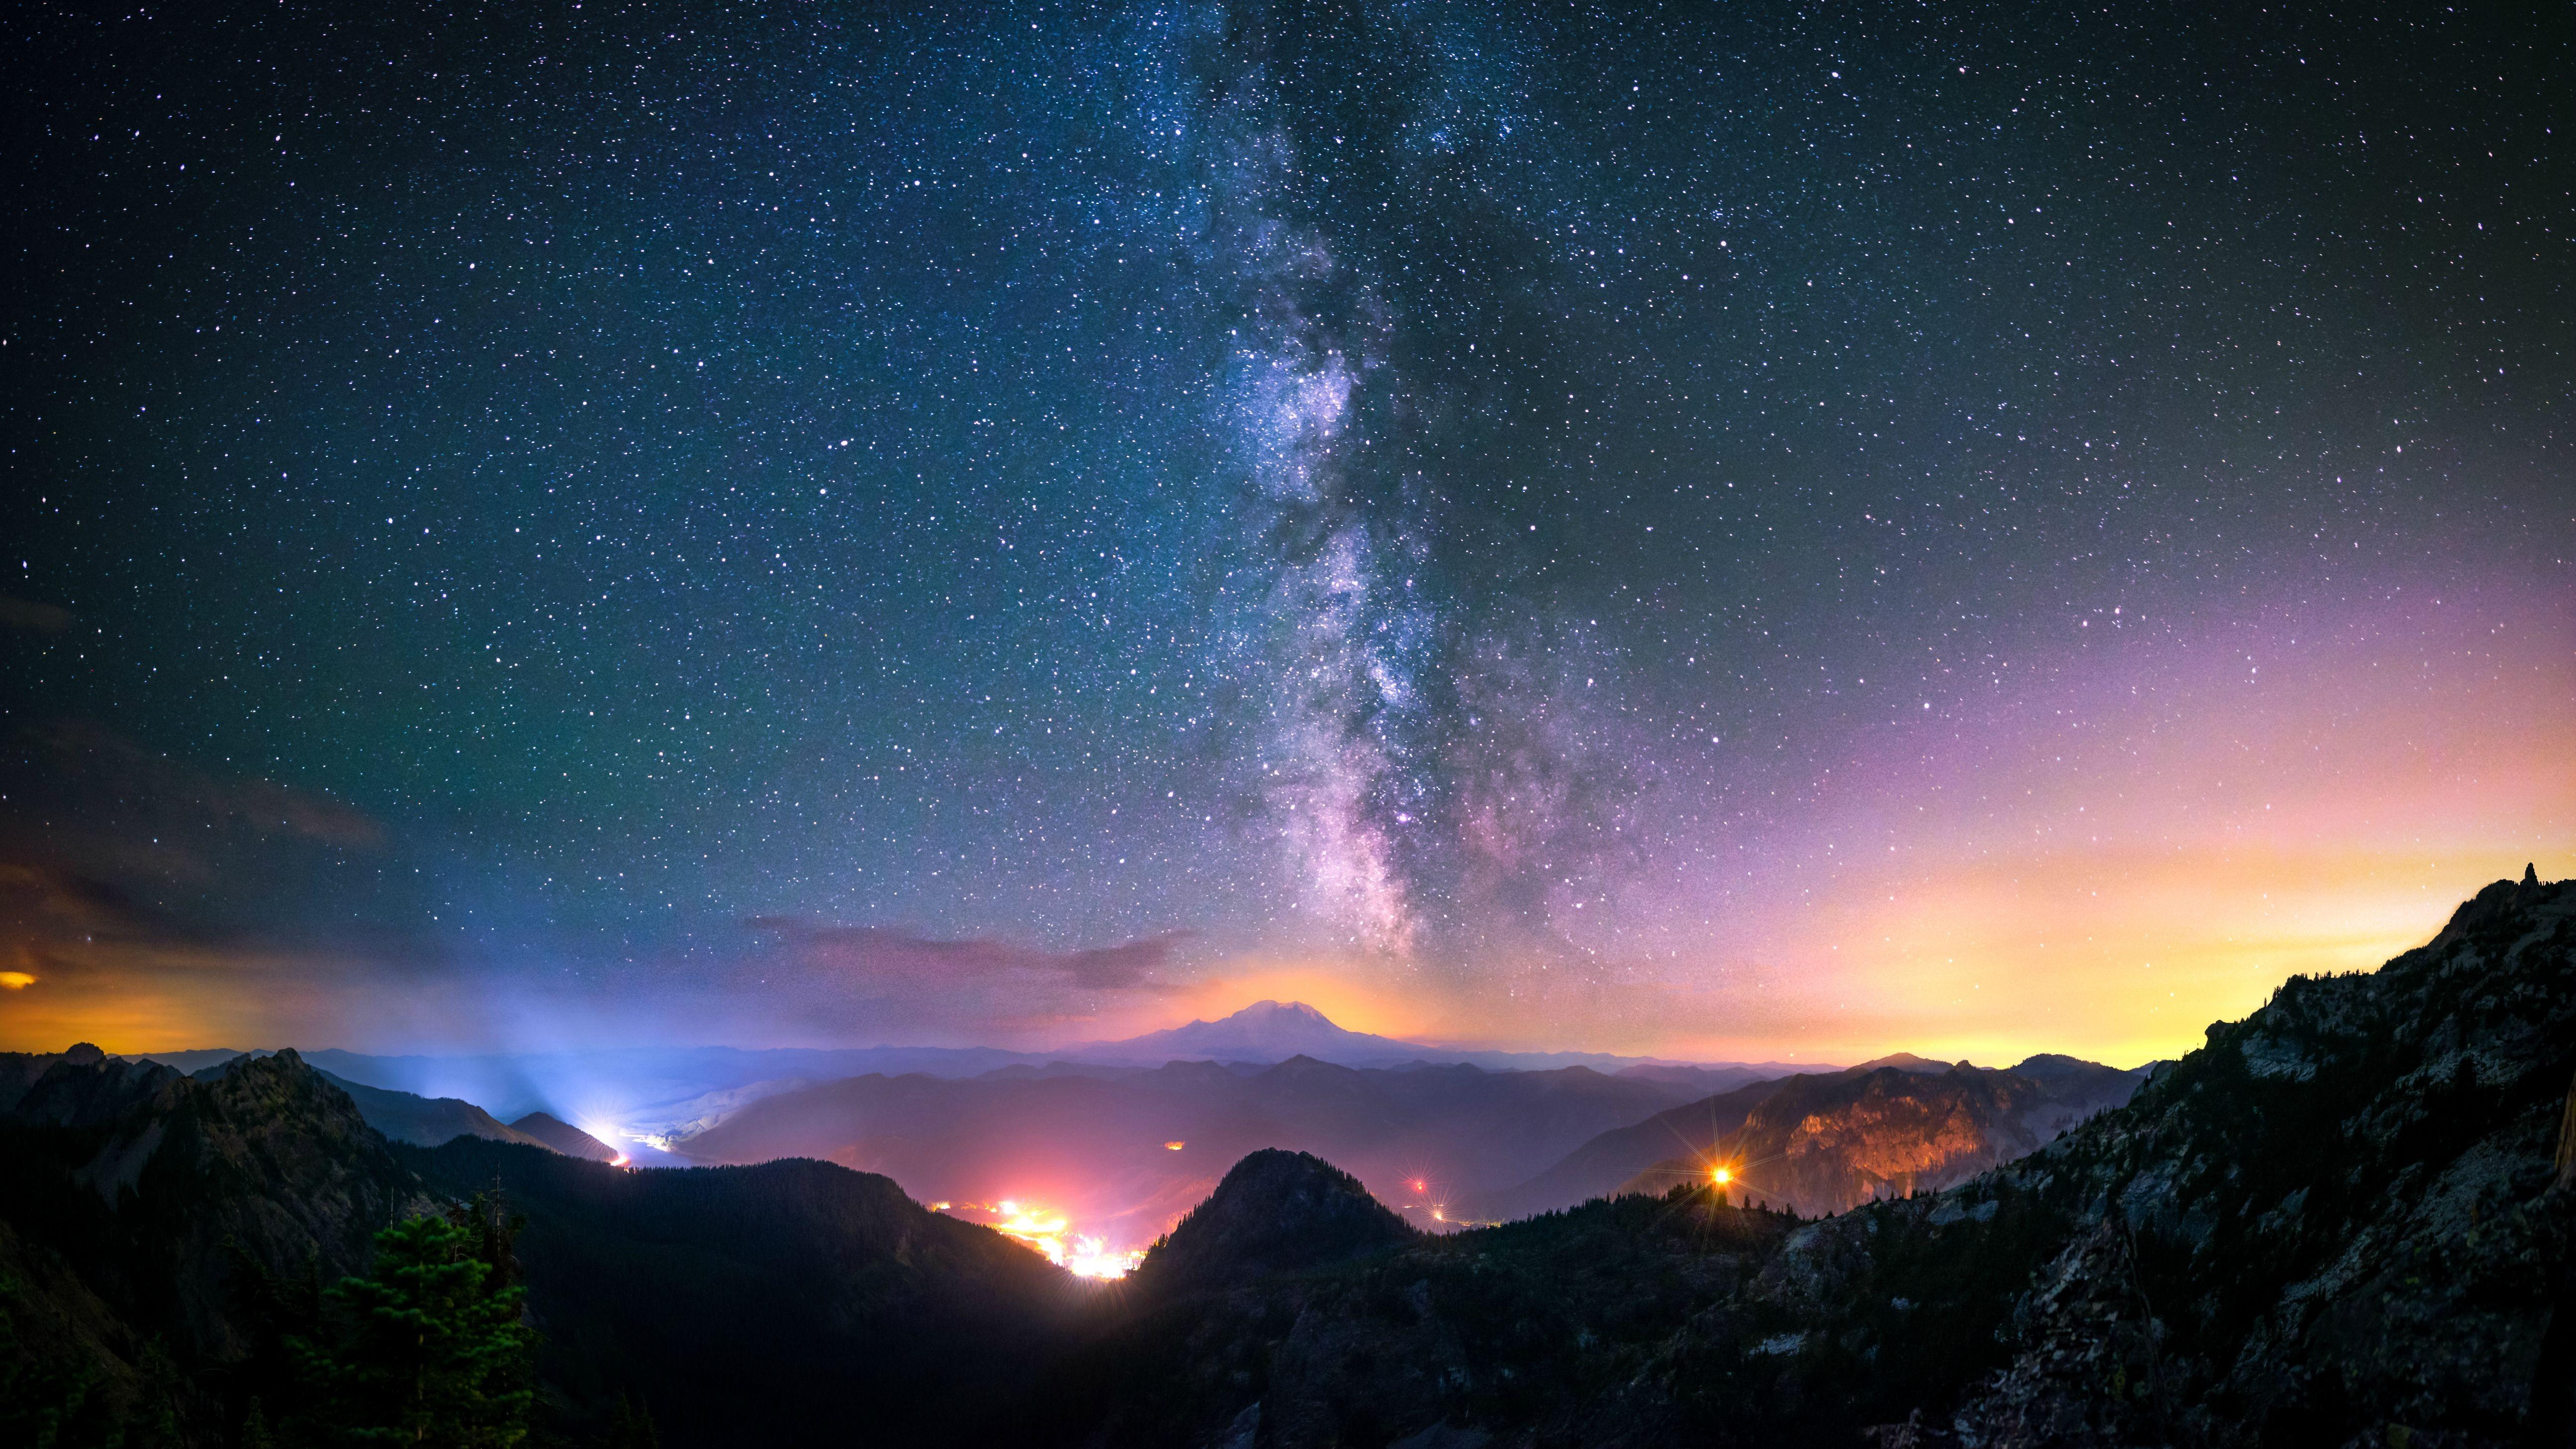 природа космос горы скалы небо звезды ночь  № 851792 бесплатно